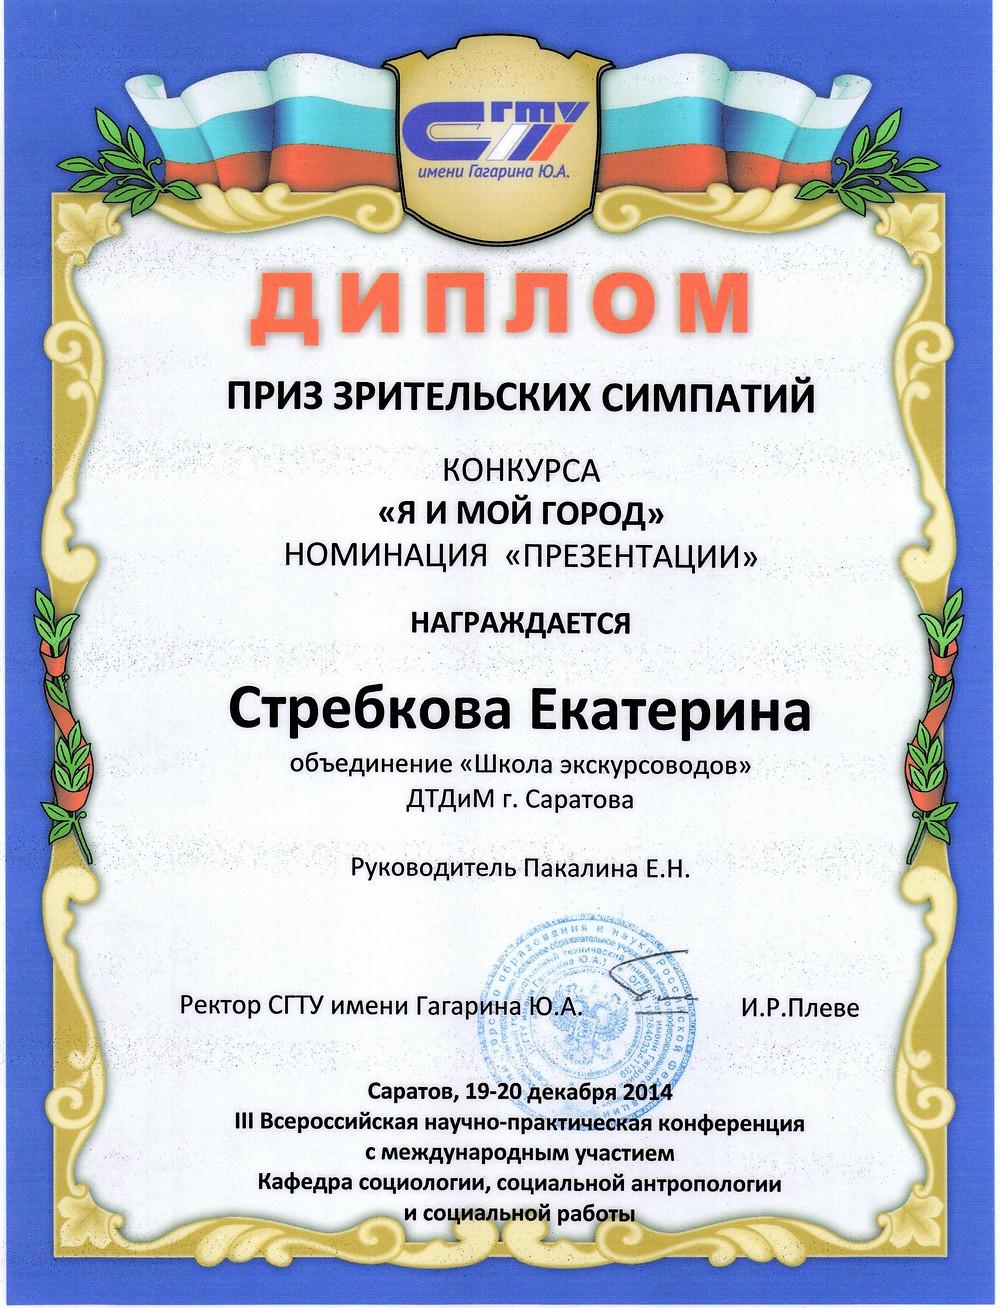 Стребкова Екатерина.jpg